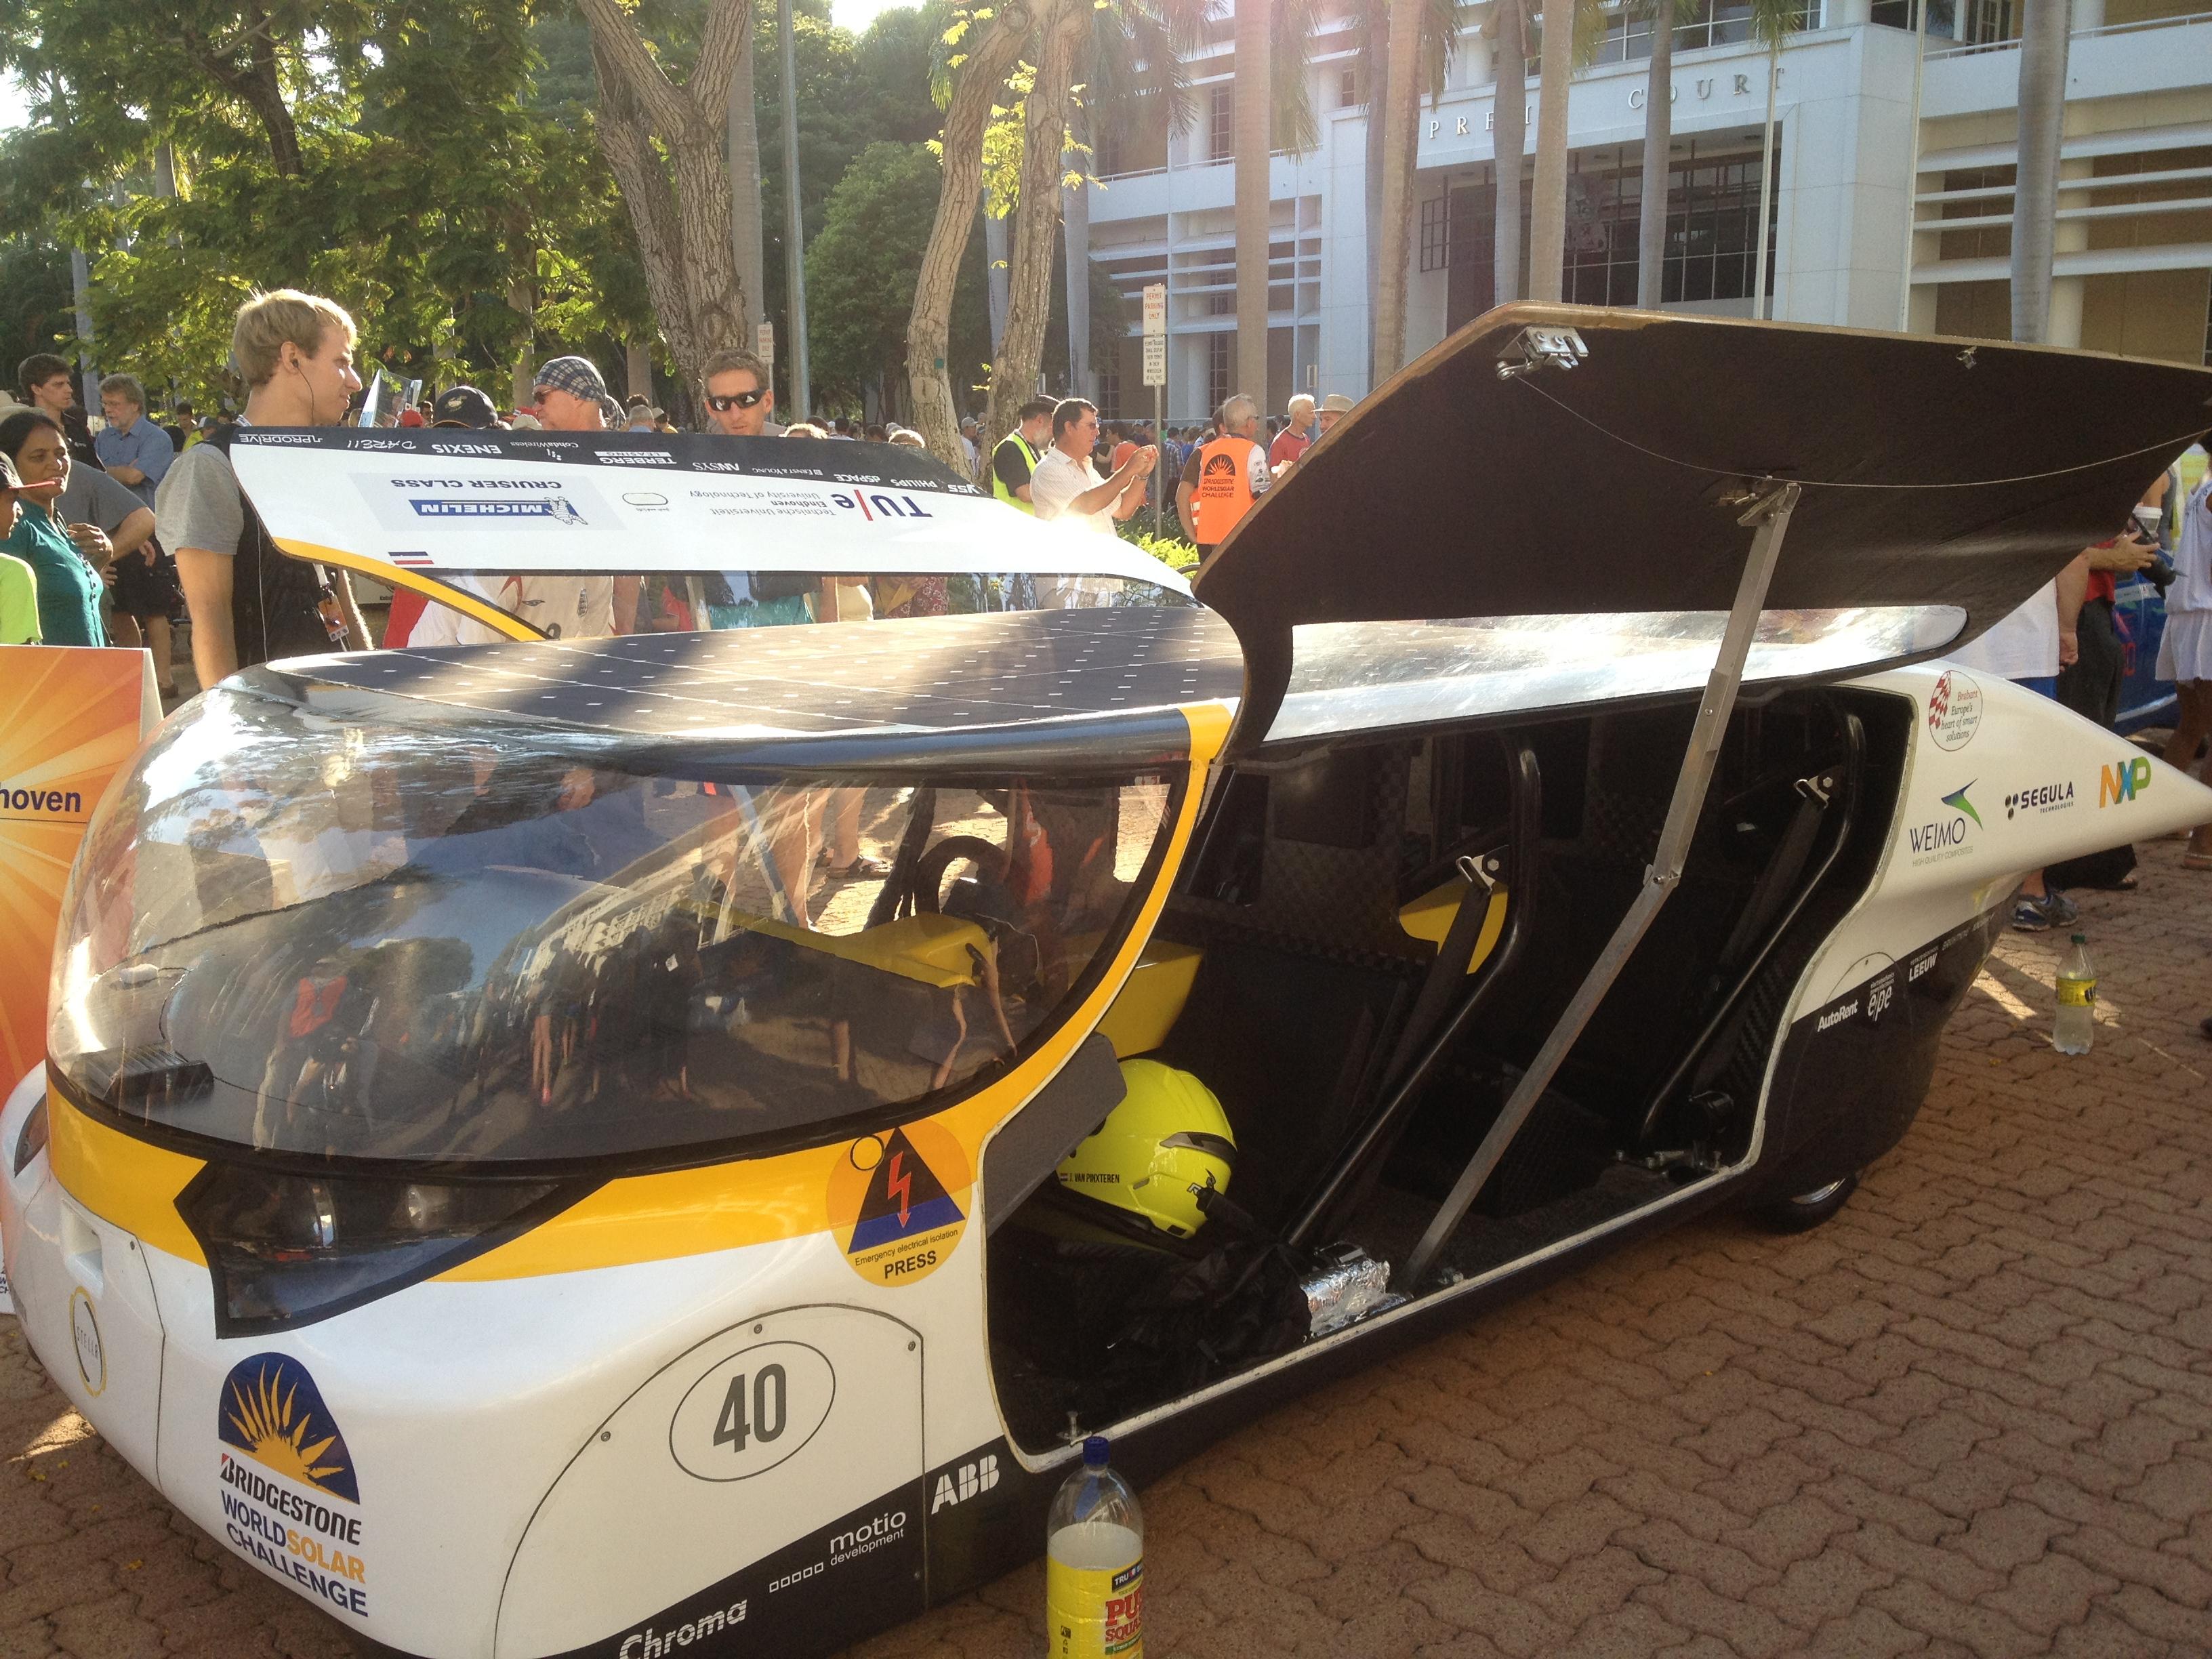 World Solar Challenge 2013-Stella of Eindhoven Team